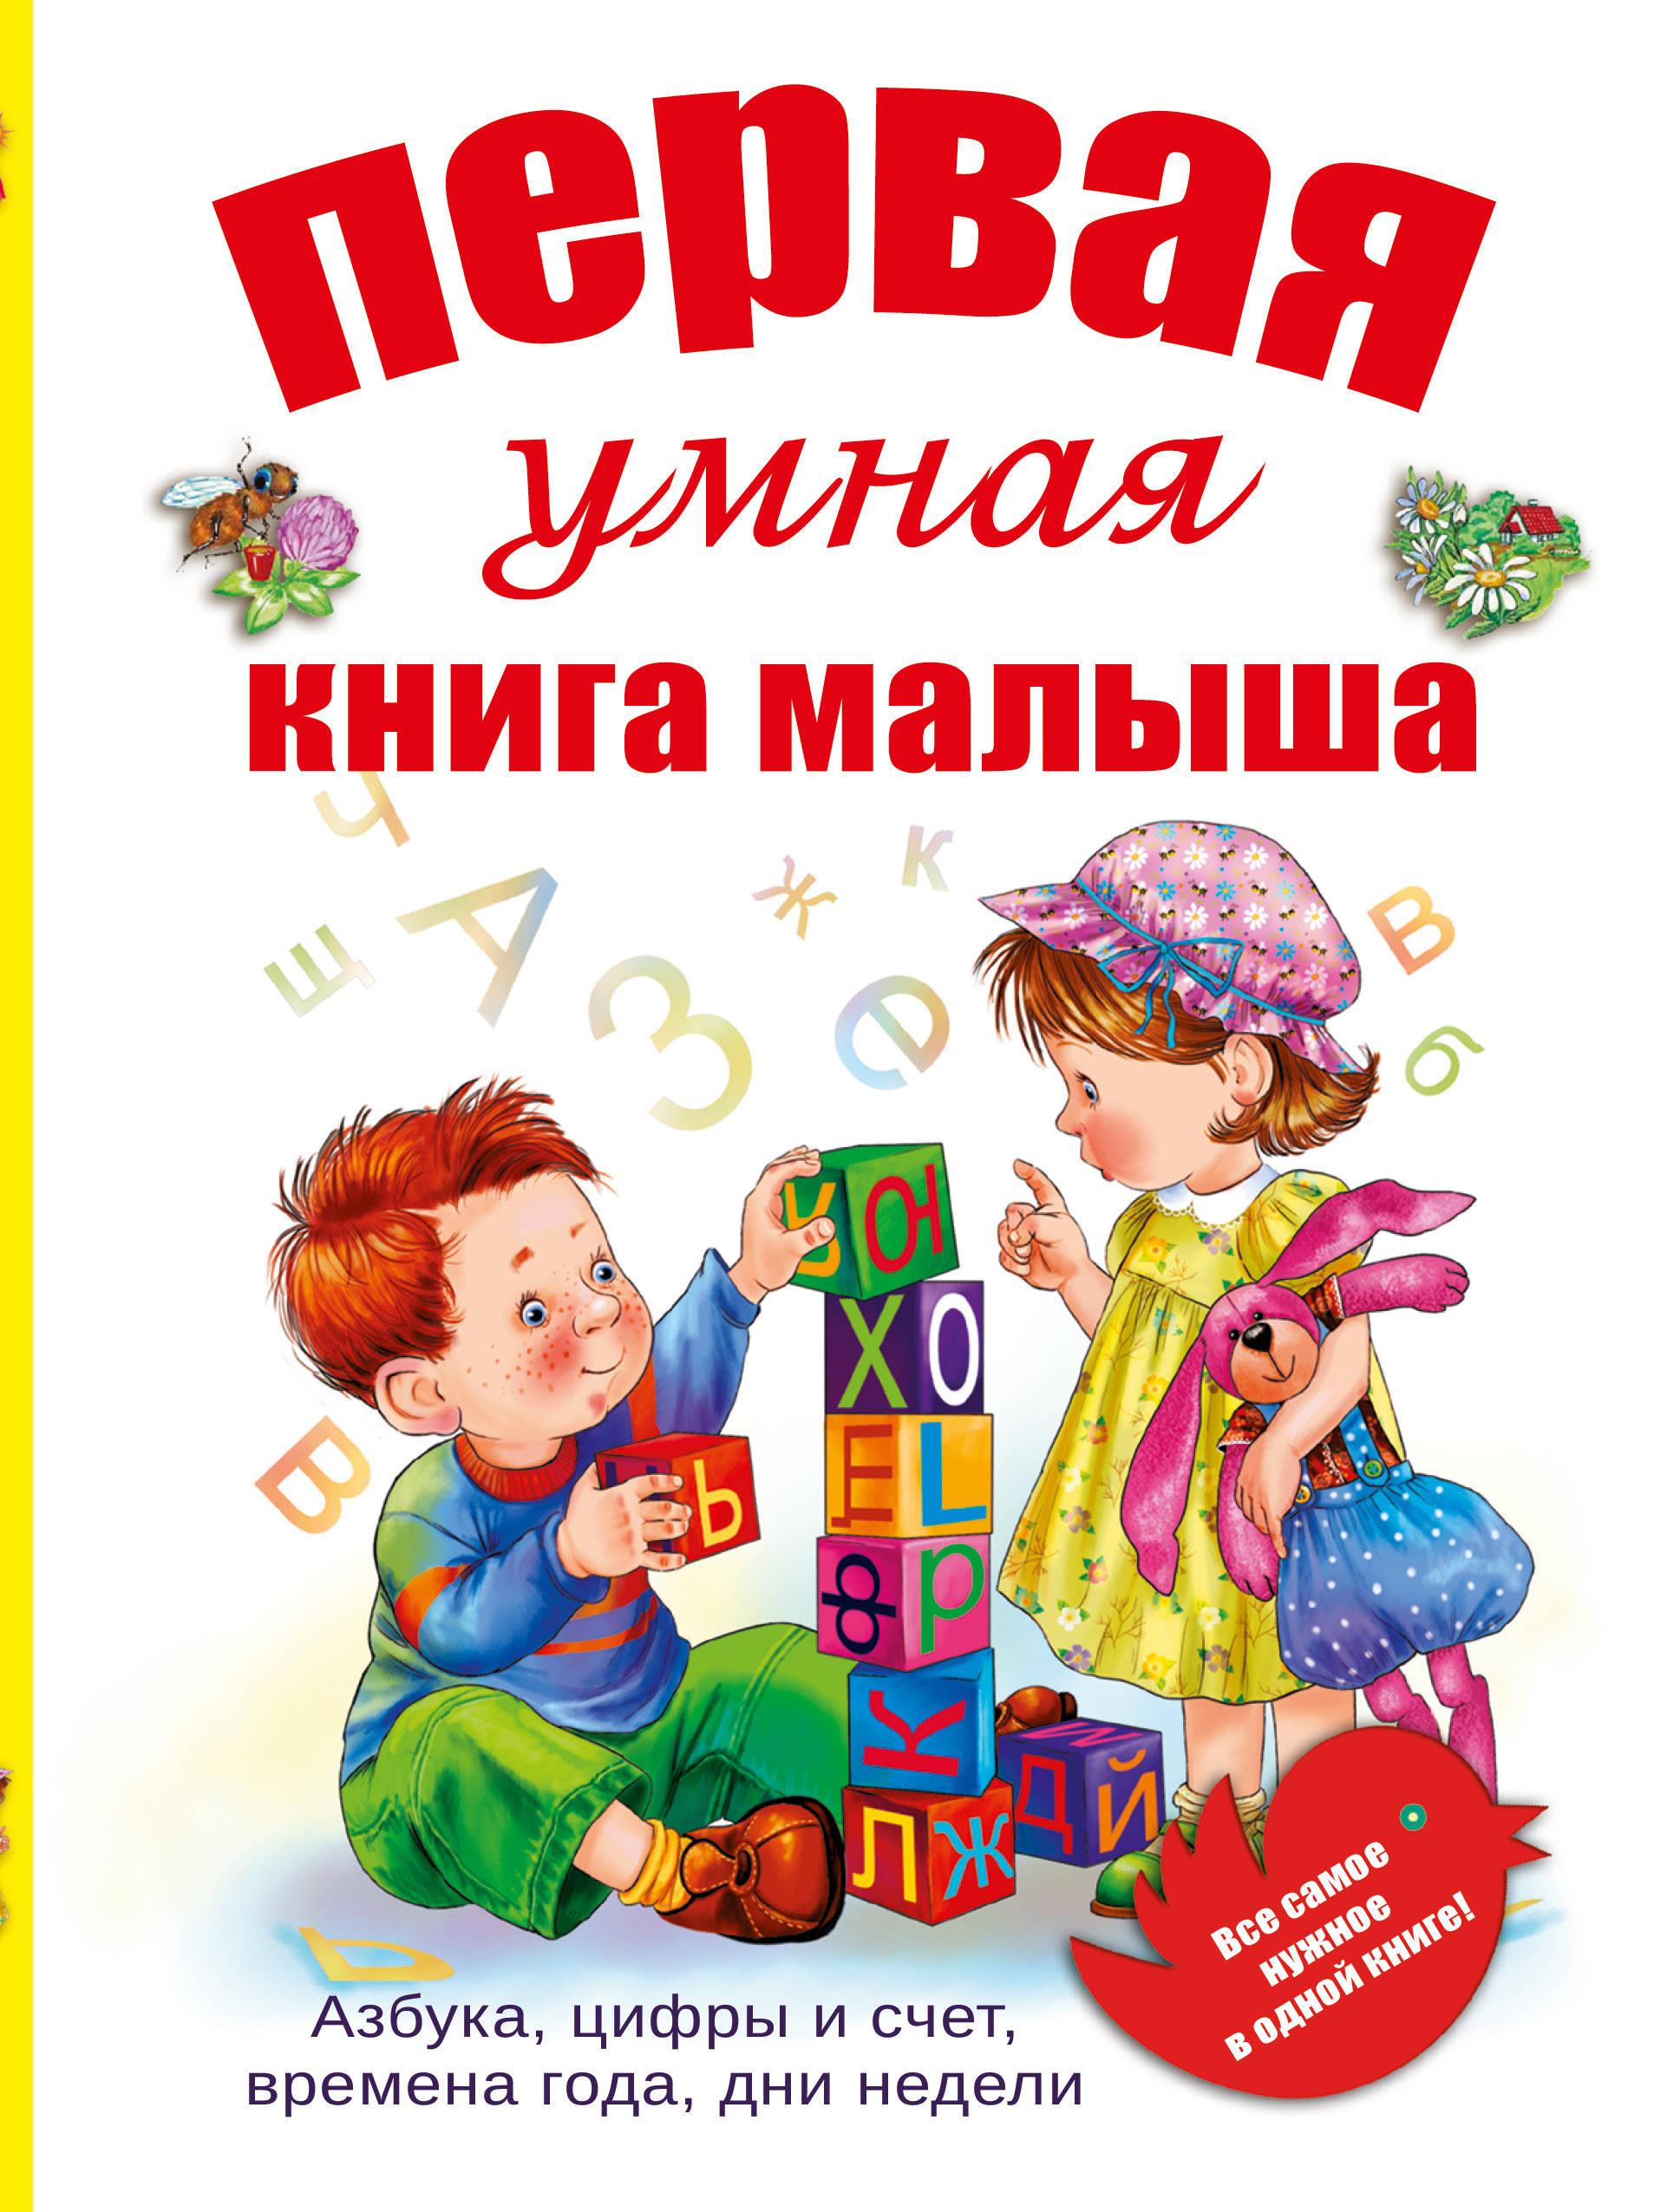 Первая умная книга малыша. Все самое нужное в одной книге. Азбука, цифры и счет, времена года, дни недели